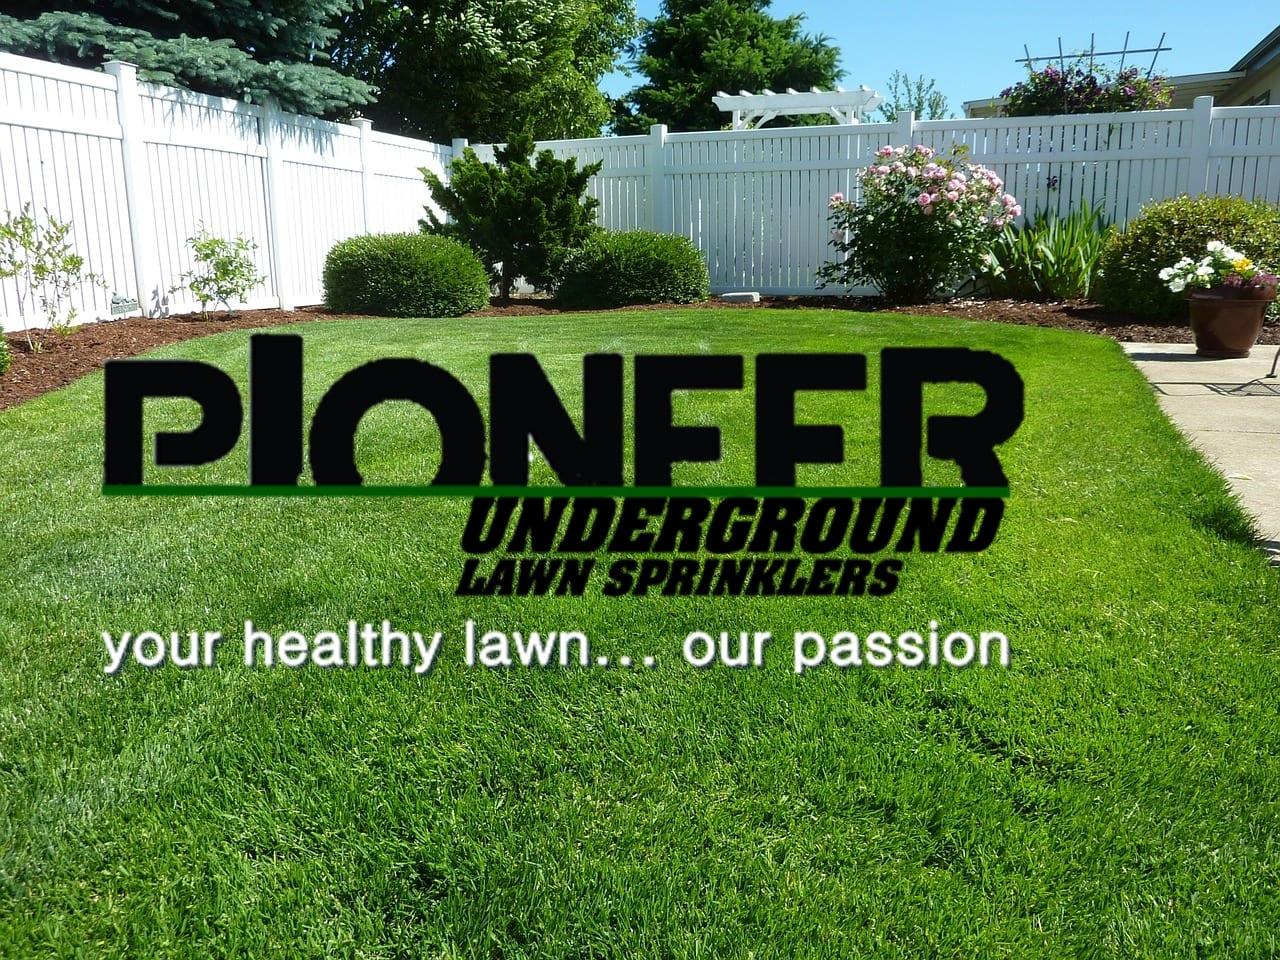 Pioneer Underground Lawn Omaha Sprinklers